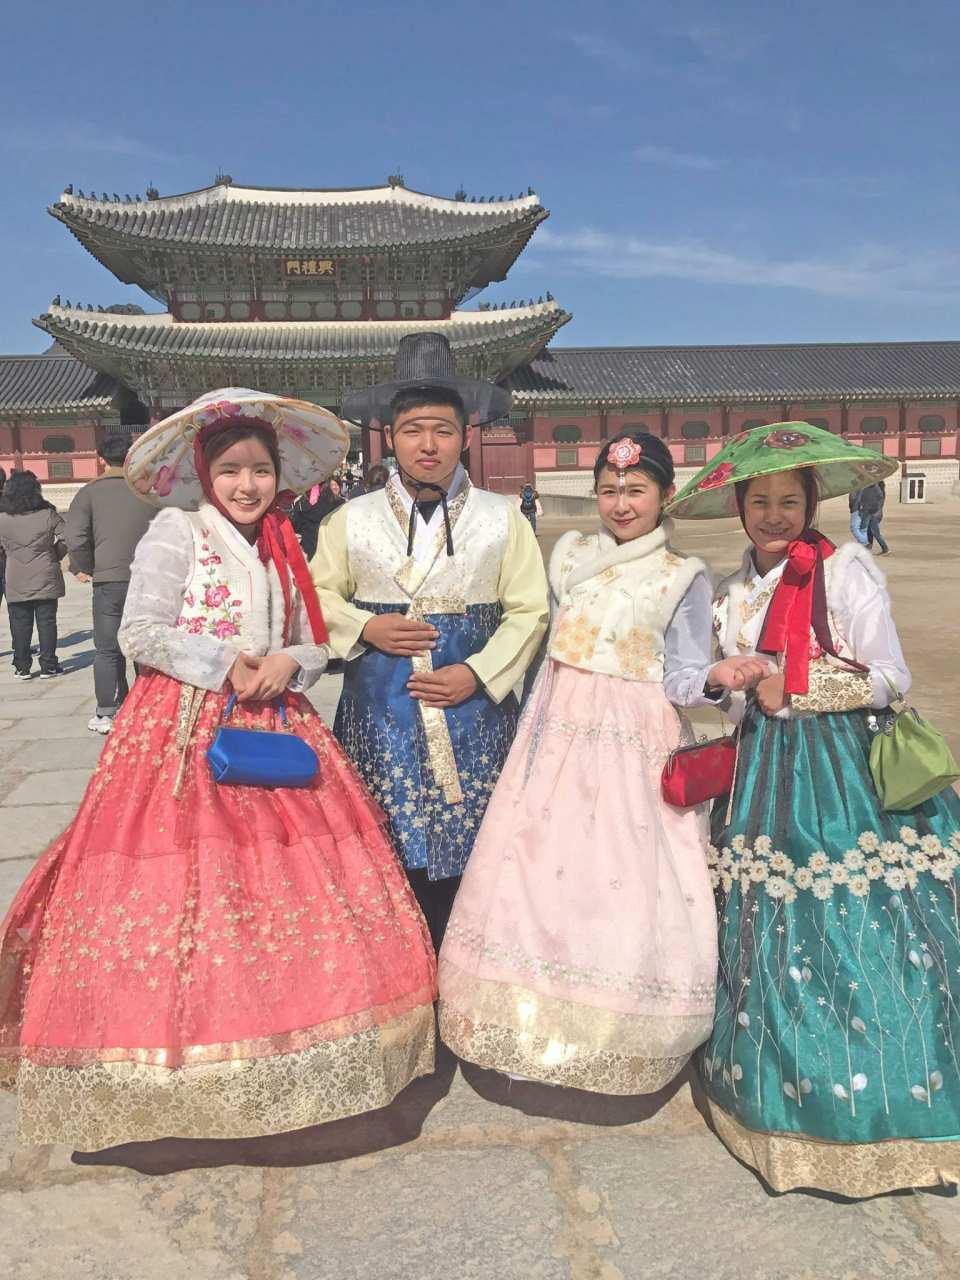 【首爾旅遊新體驗】歐巴歐膩帶你玩首爾 半日遊/一日遊